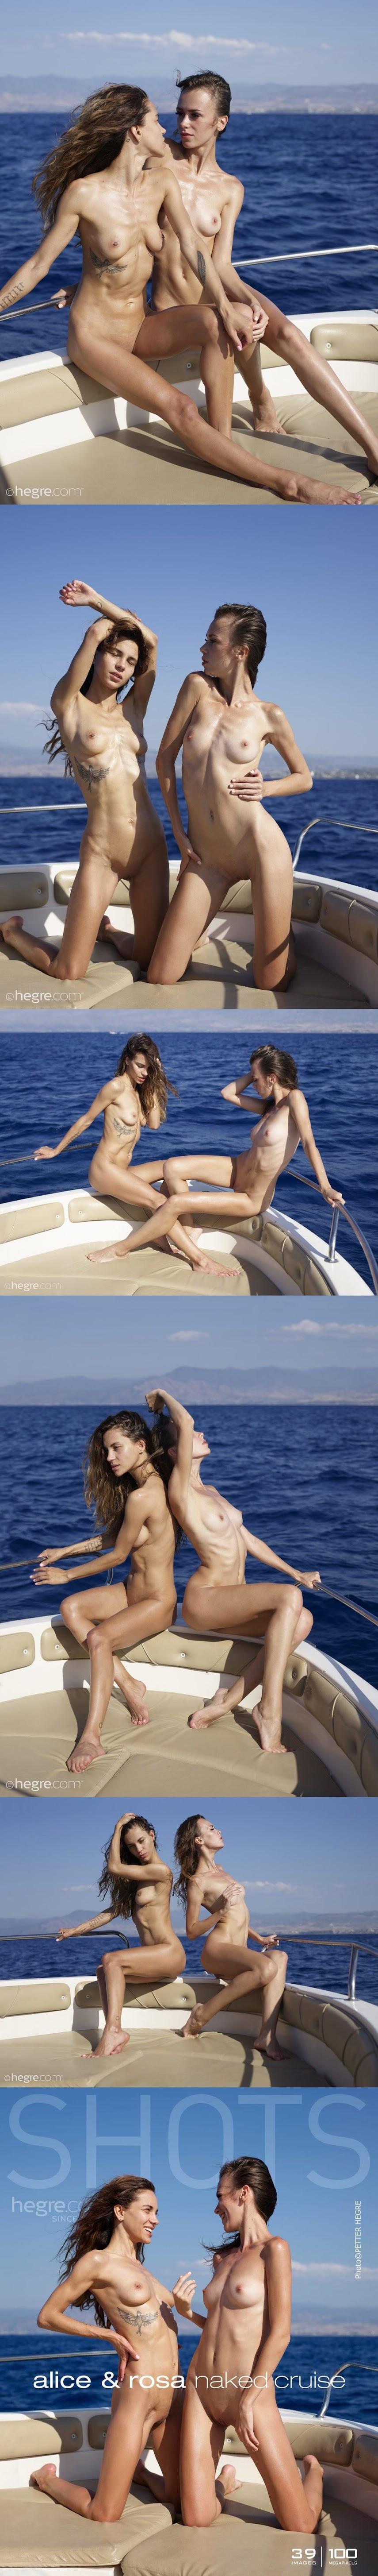 HA  2019-03-10 Alice  Rosa - Naked Cruise